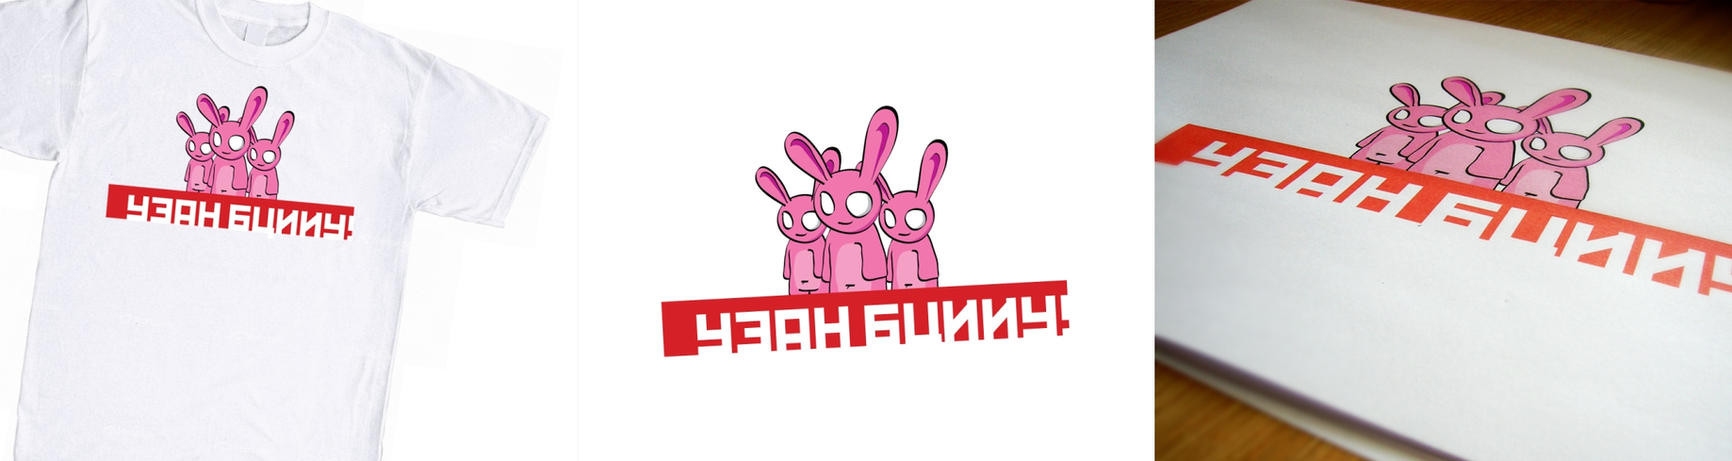 yeah bunny t-shirt by qedar